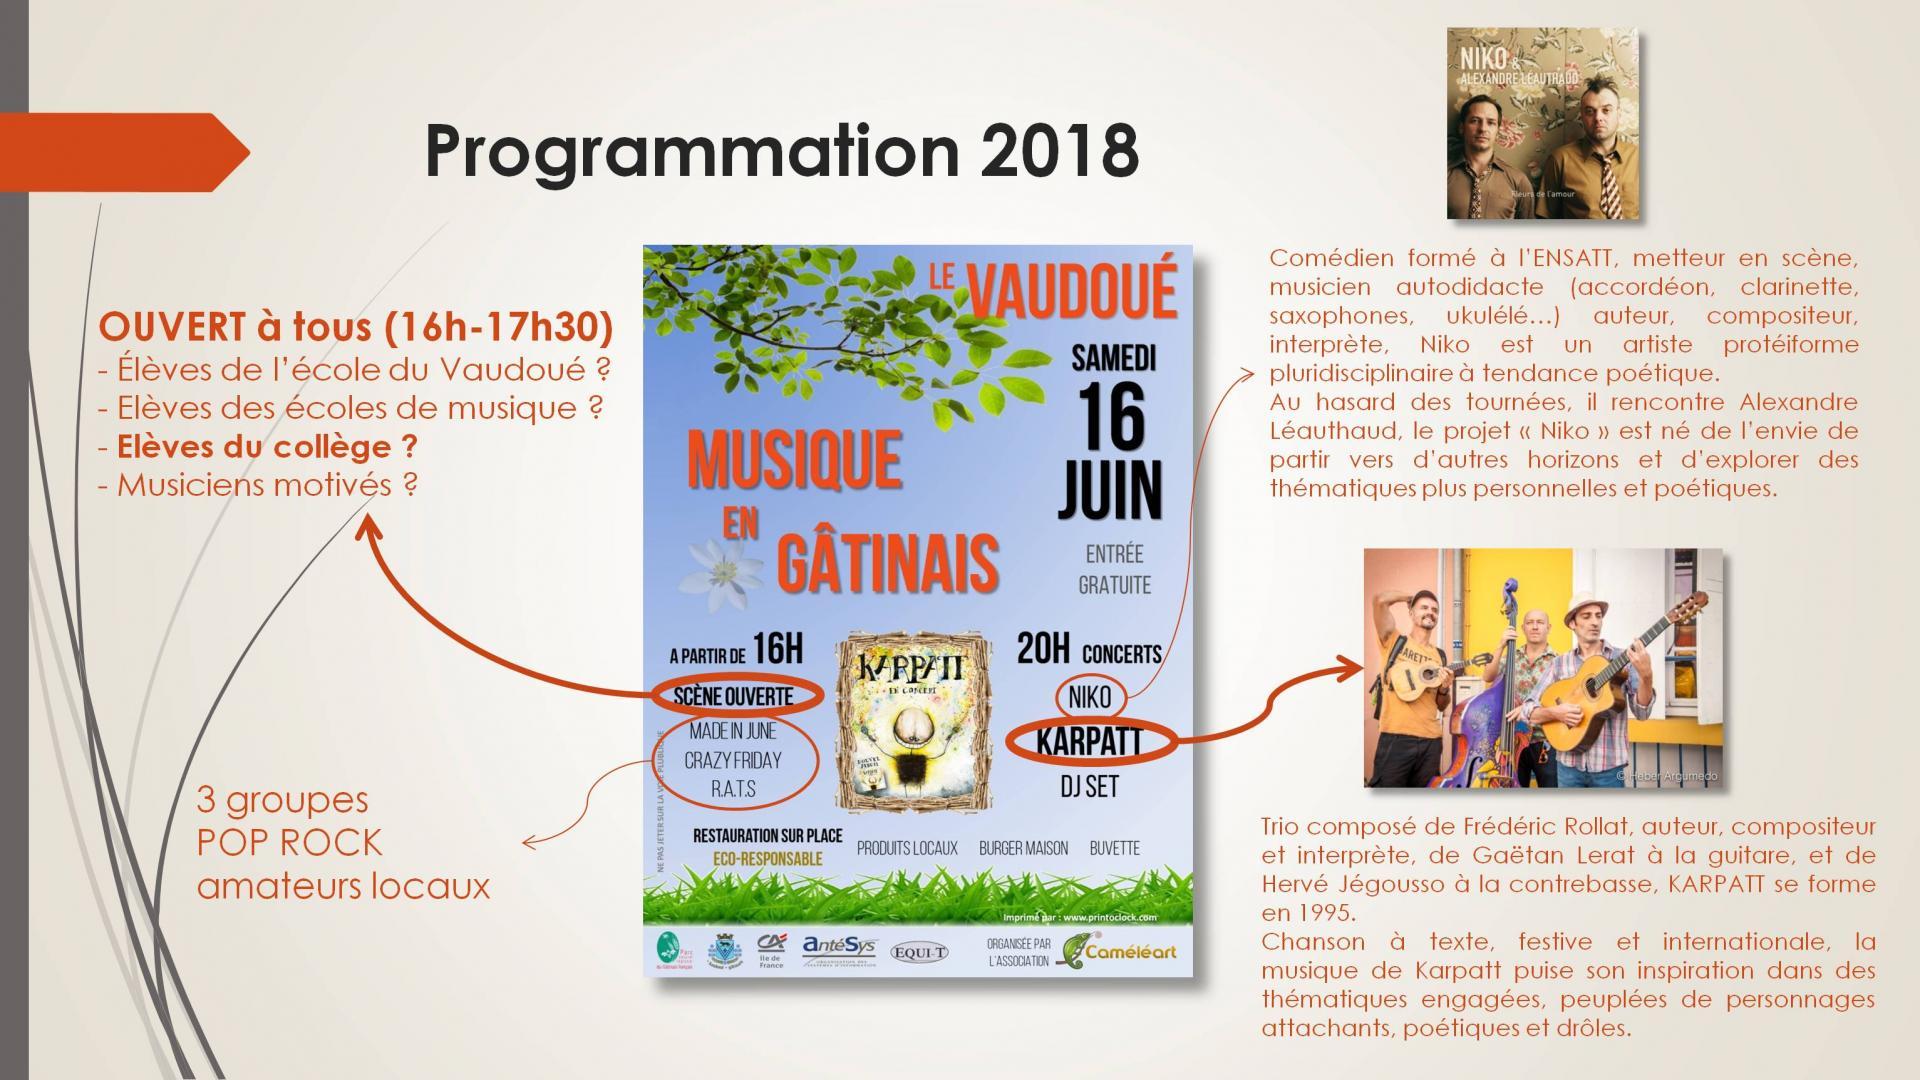 Programme meg2018